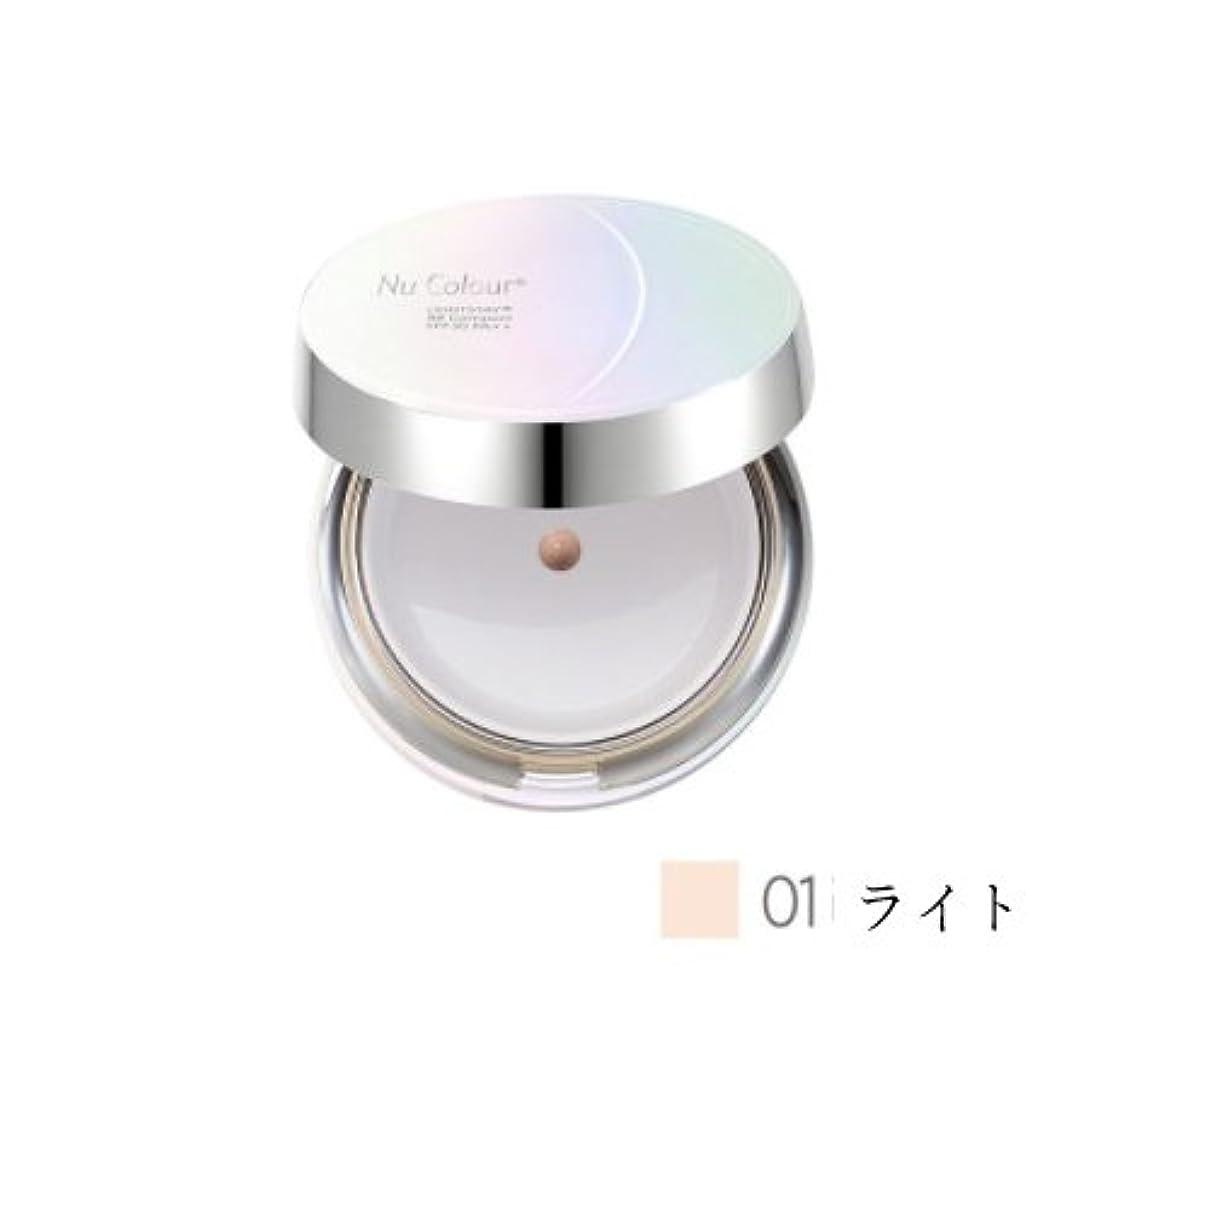 線部屋を掃除する毛細血管ニュースキン ライトステイビビコンパクトSPF30 PA++01ライト BB Compact 01 Light [並行輸入品]